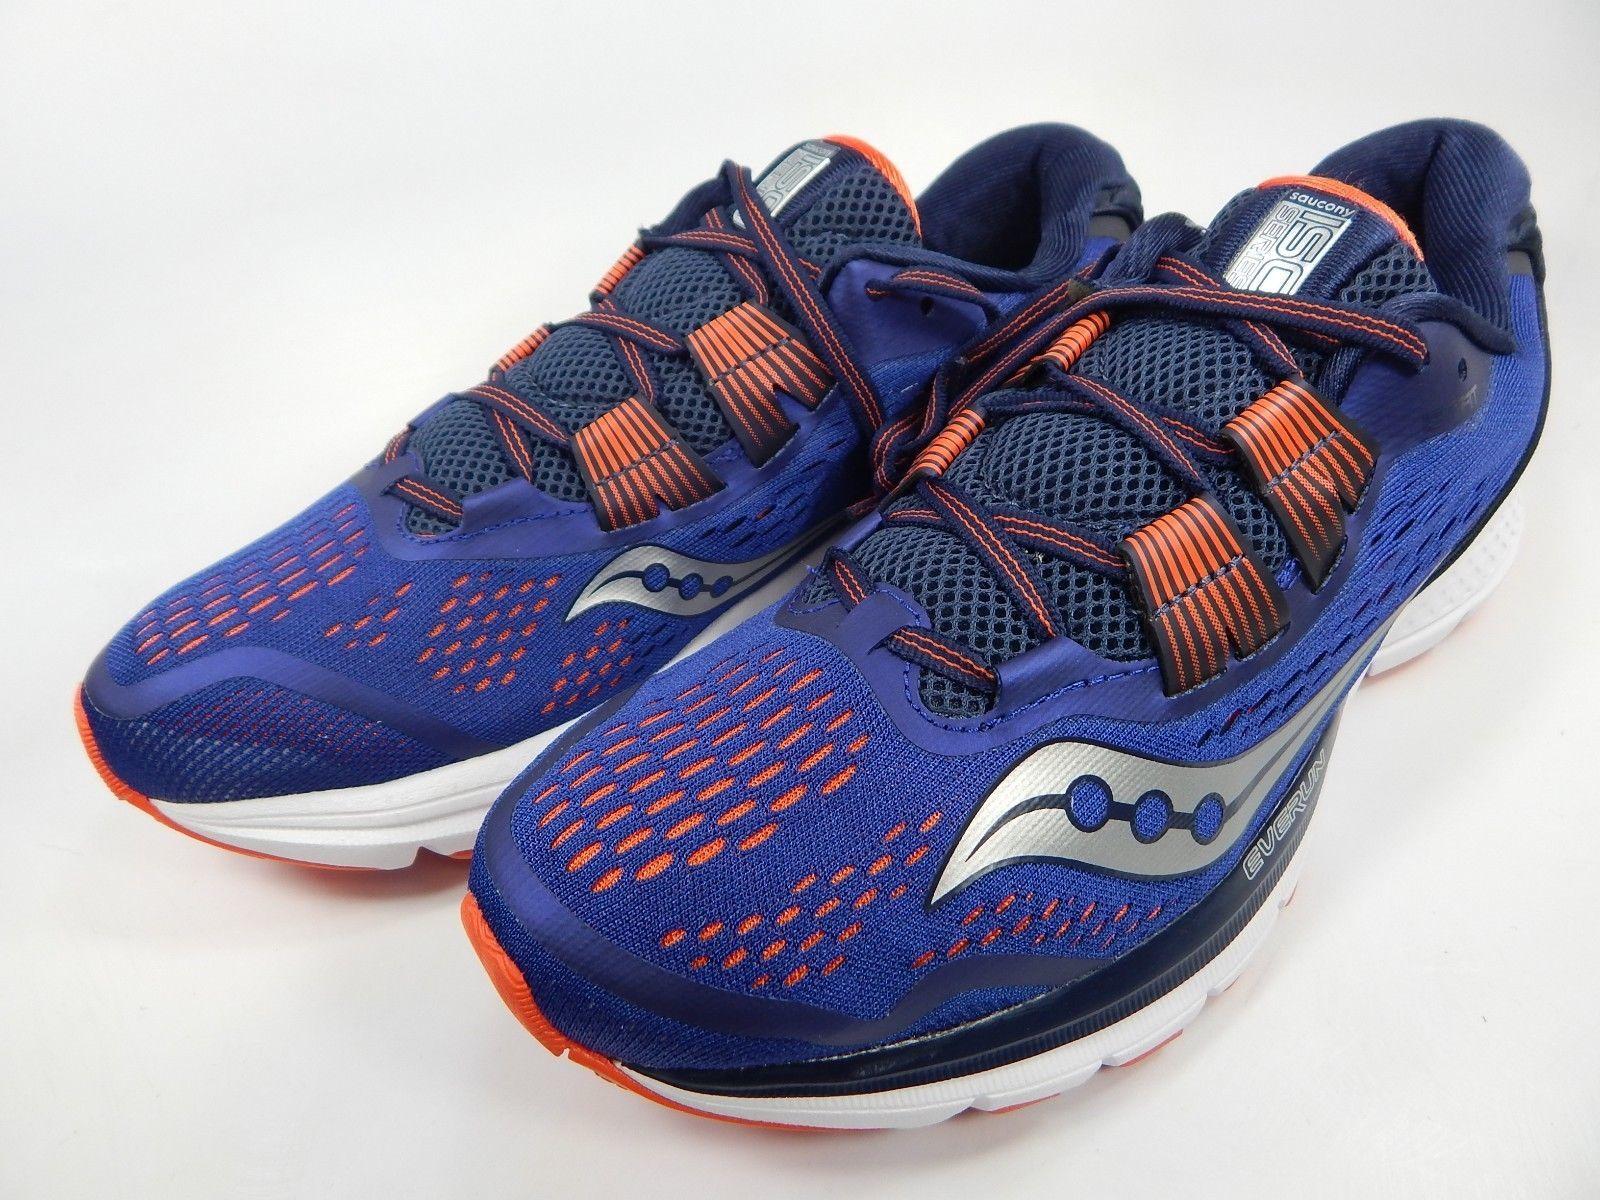 Saucony Zealot ISO 3 Men's Running Shoes Size US 9 M (D) EU 42.5 Blue S20369-2